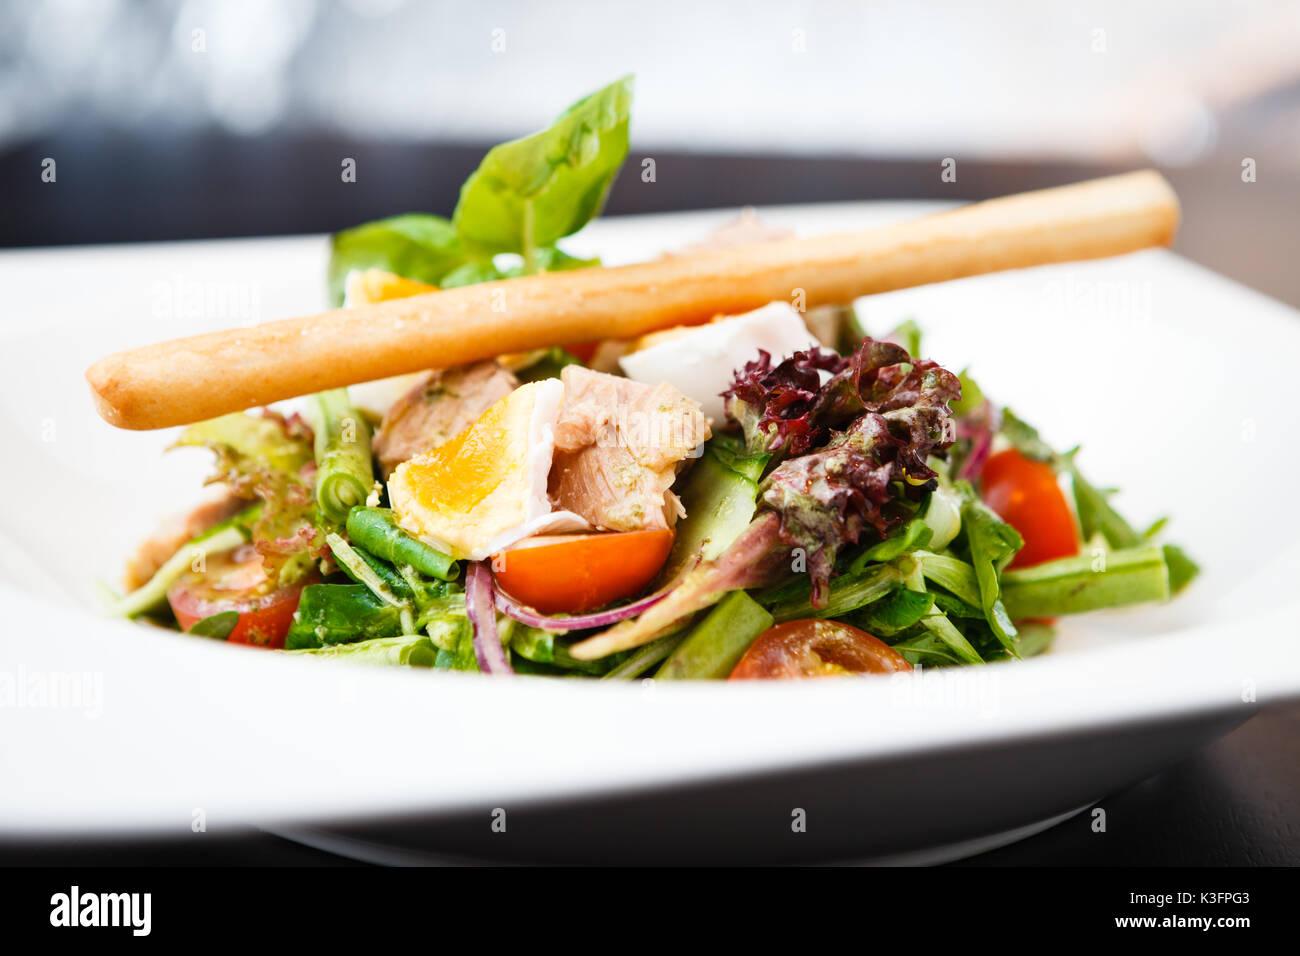 how to make tuna nicoise salad